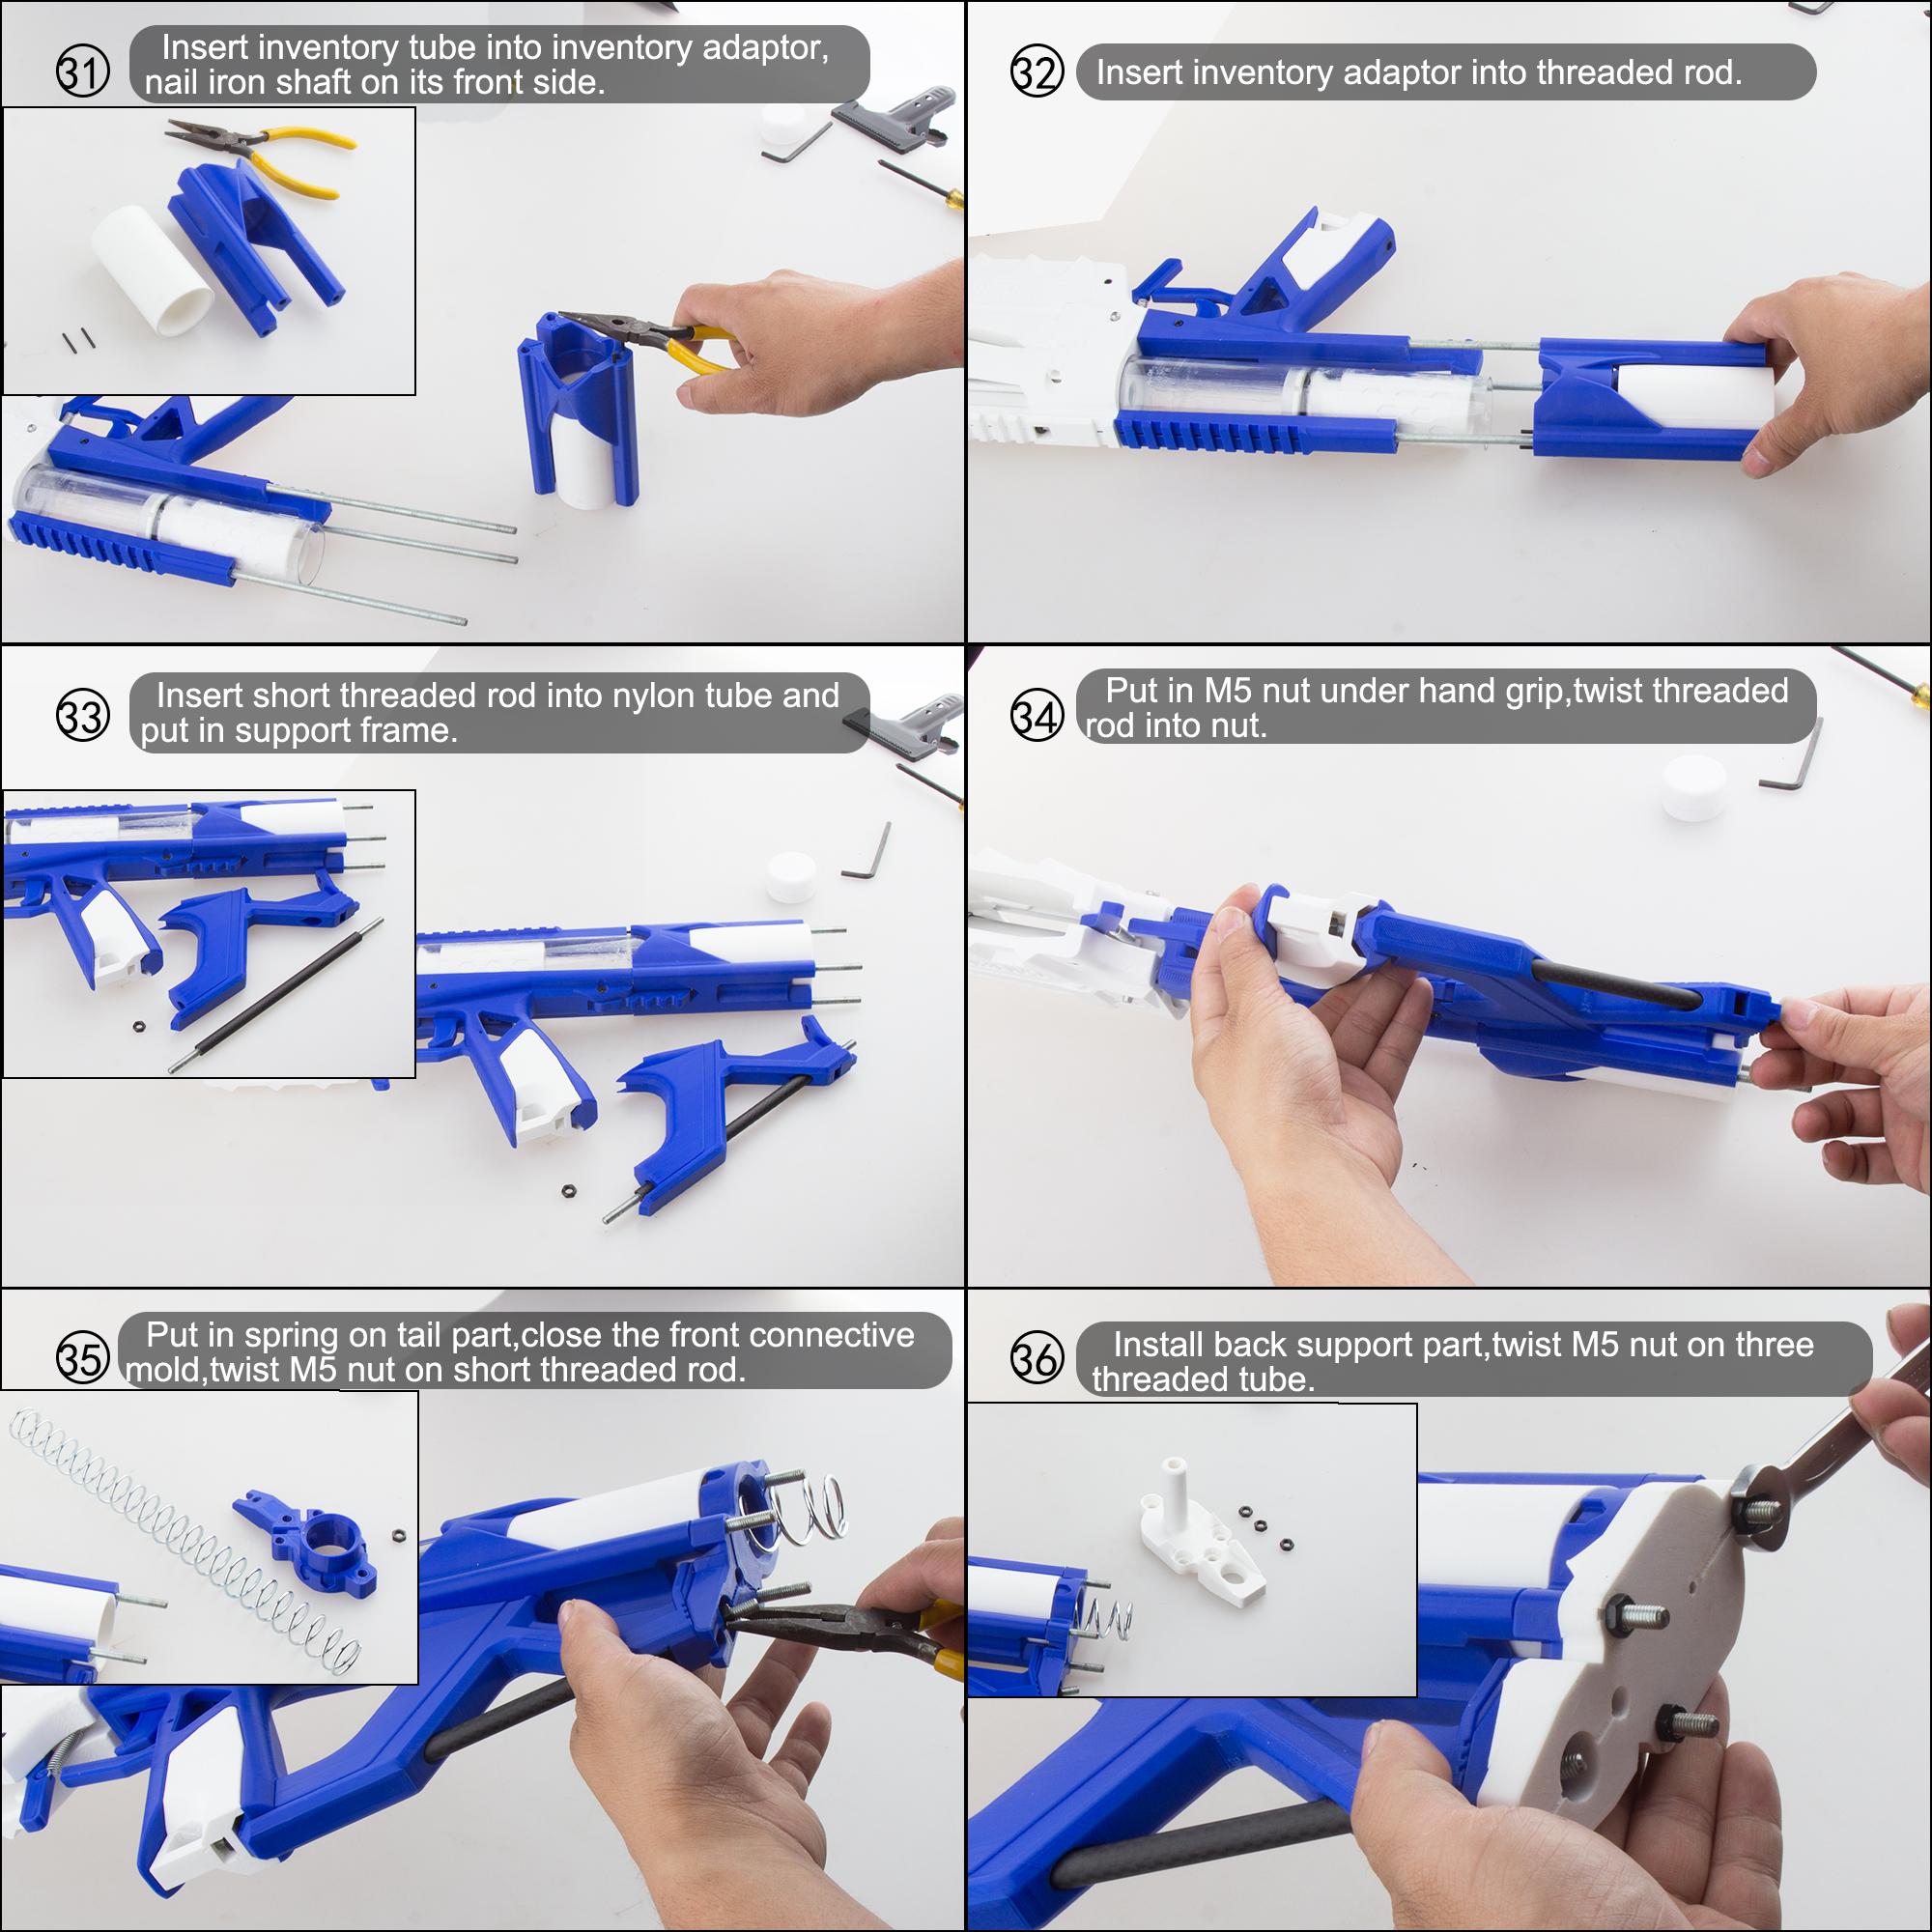 Worker Caliburn 3D Printed Nerf Blaster Kit v1.1 assembly 6